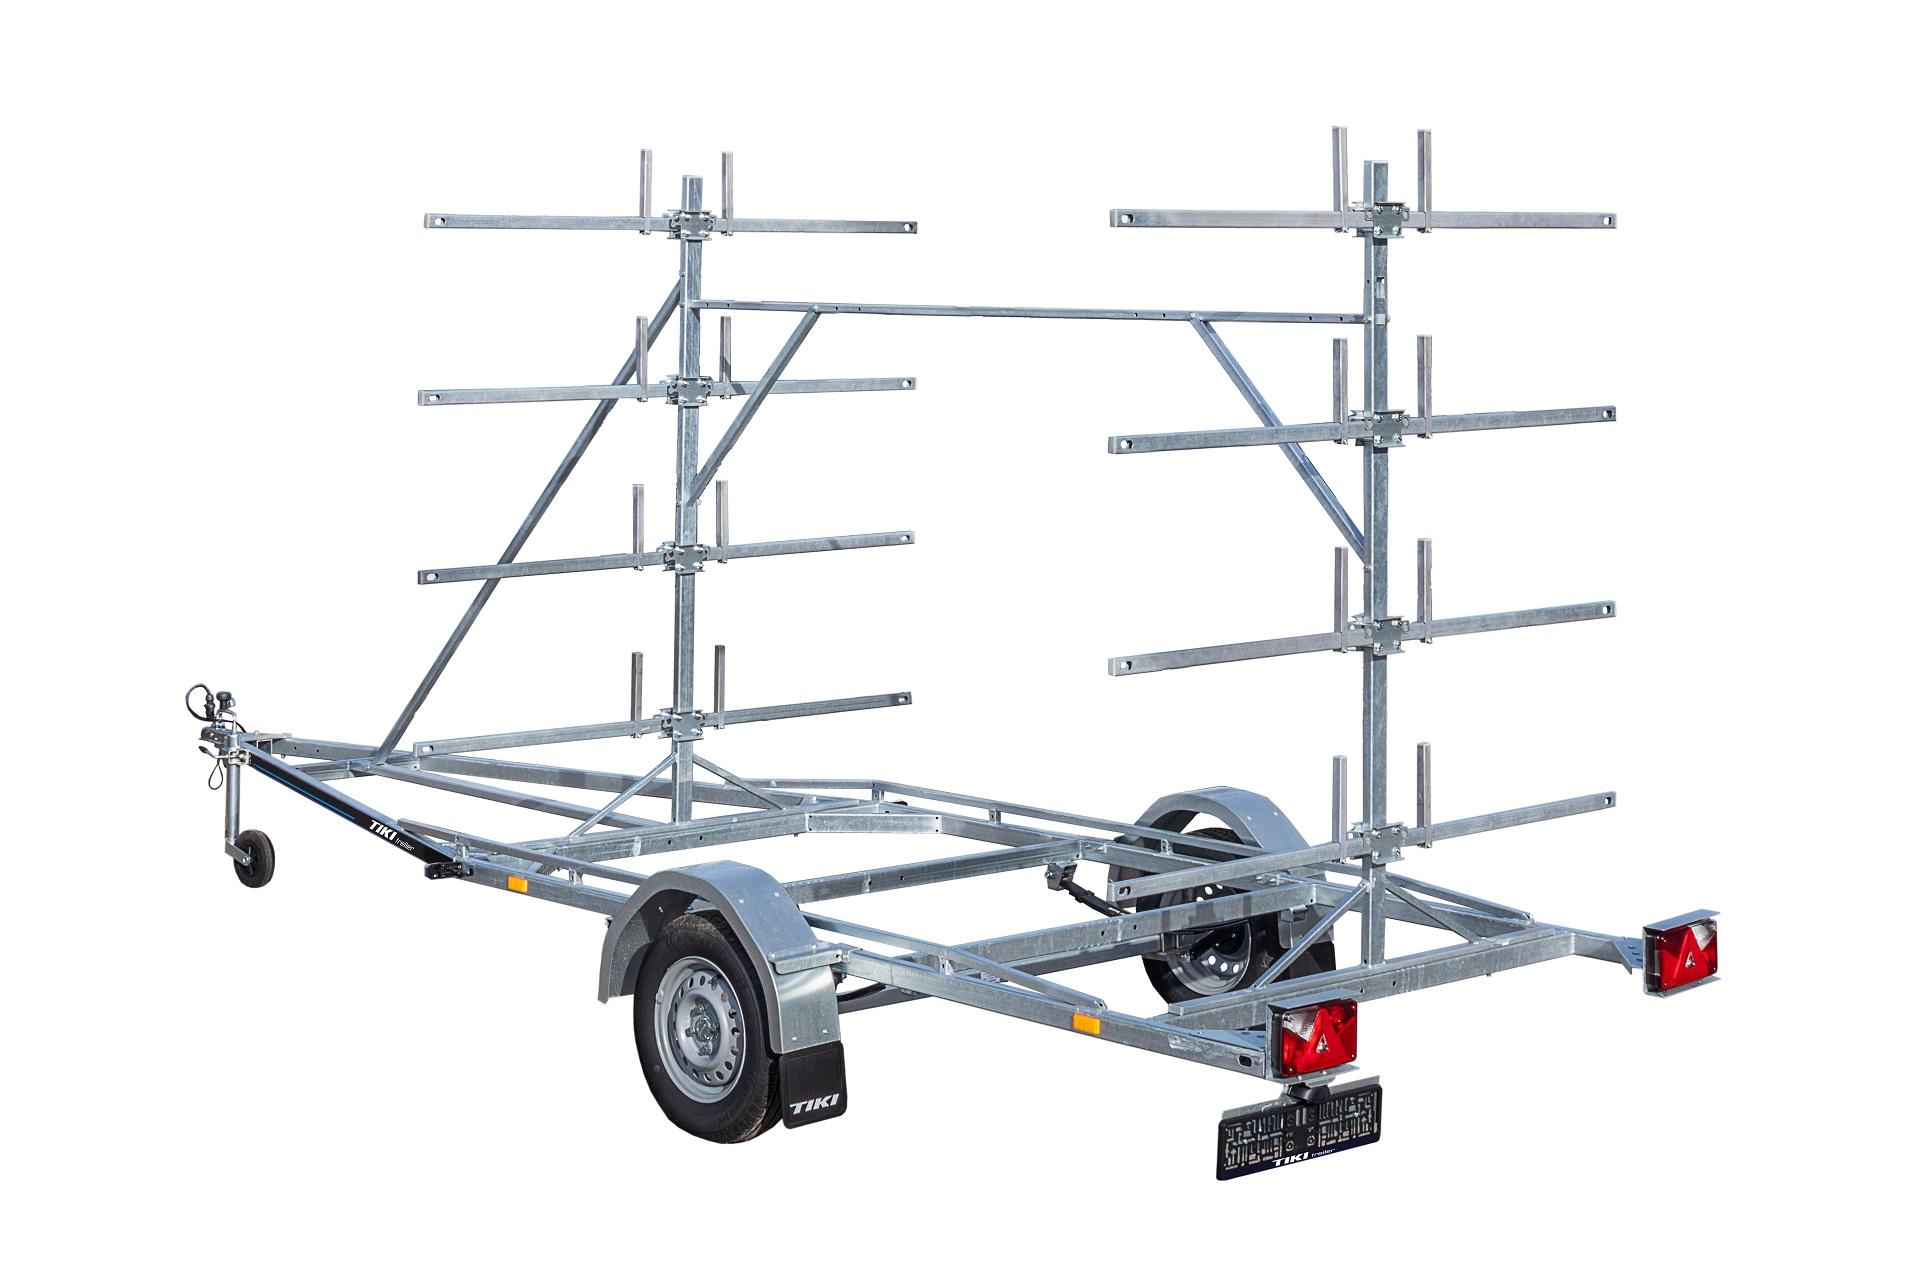 SP310-L KAYAK [Priekabų standartinė įranga gali skirtis nuo pavaizduotos komplektacijos paveiksliuke]